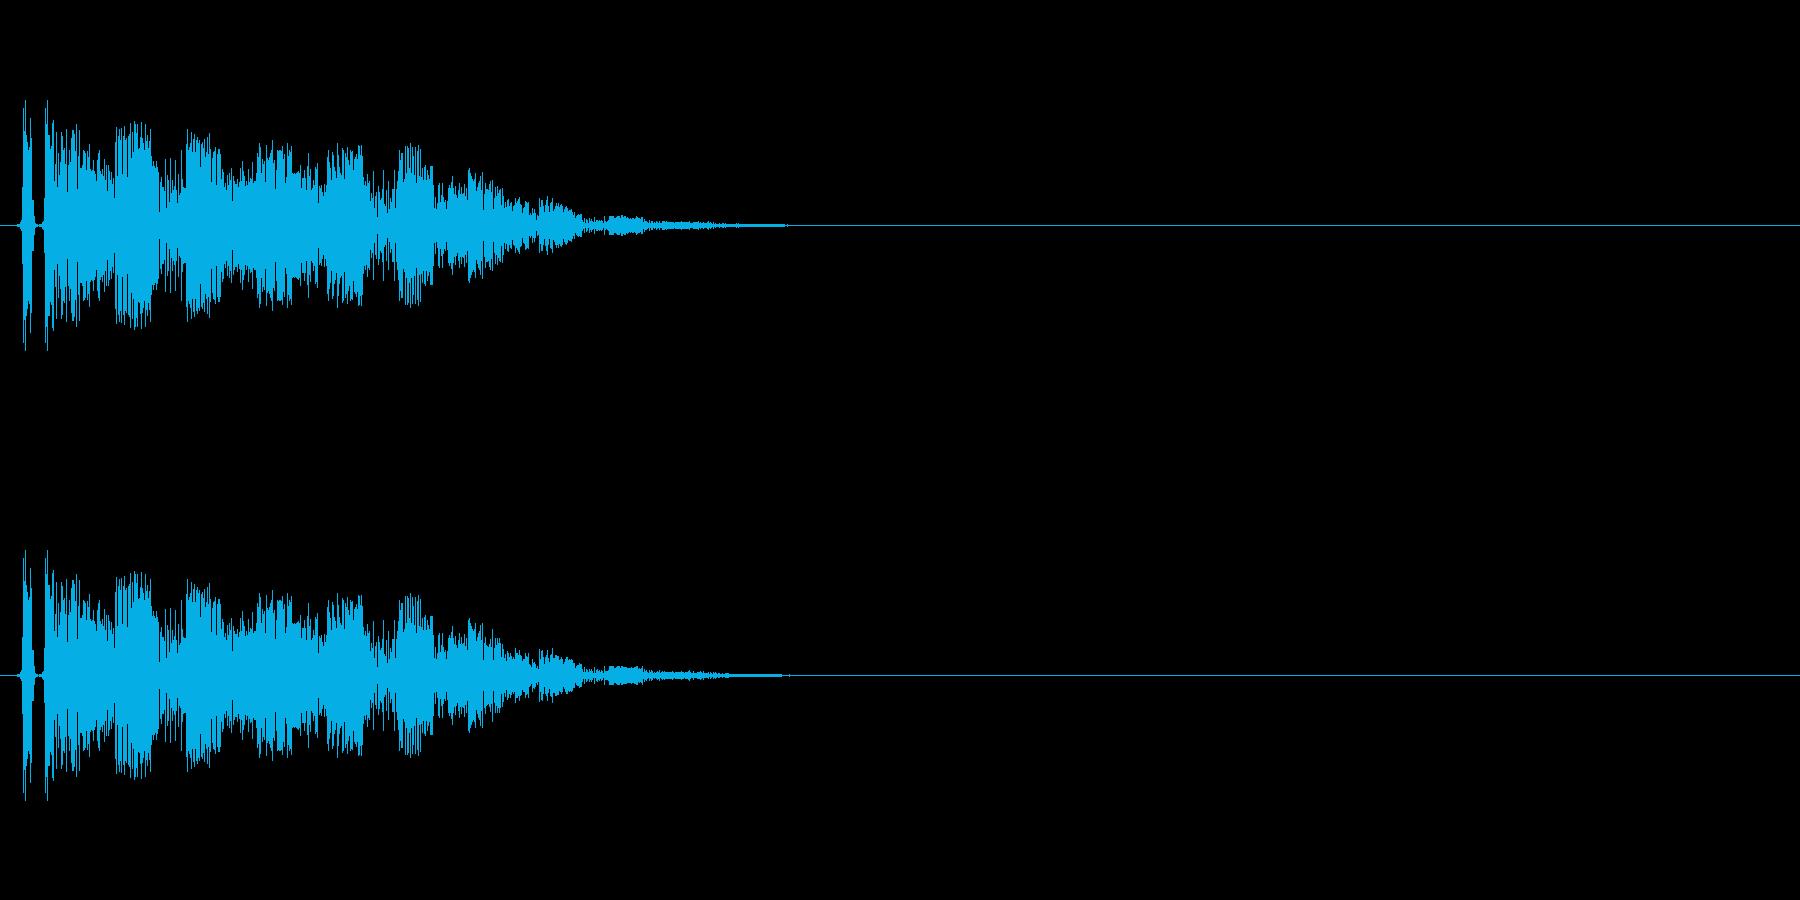 トゥリーン(ゲームSEっぽいシンセ音)の再生済みの波形